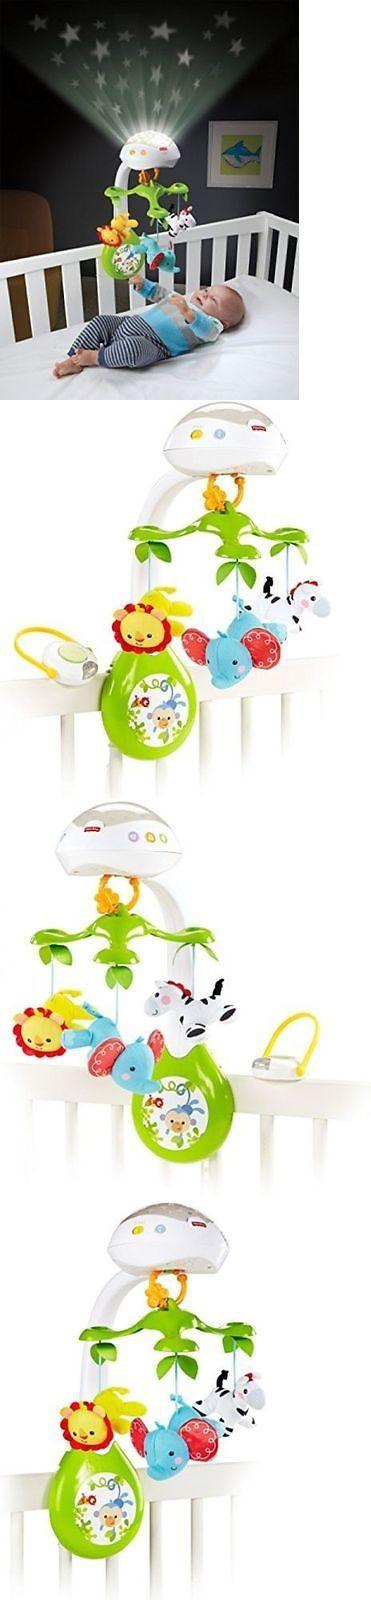 купить детские игрушки недорого в интернет магазине кузя винница